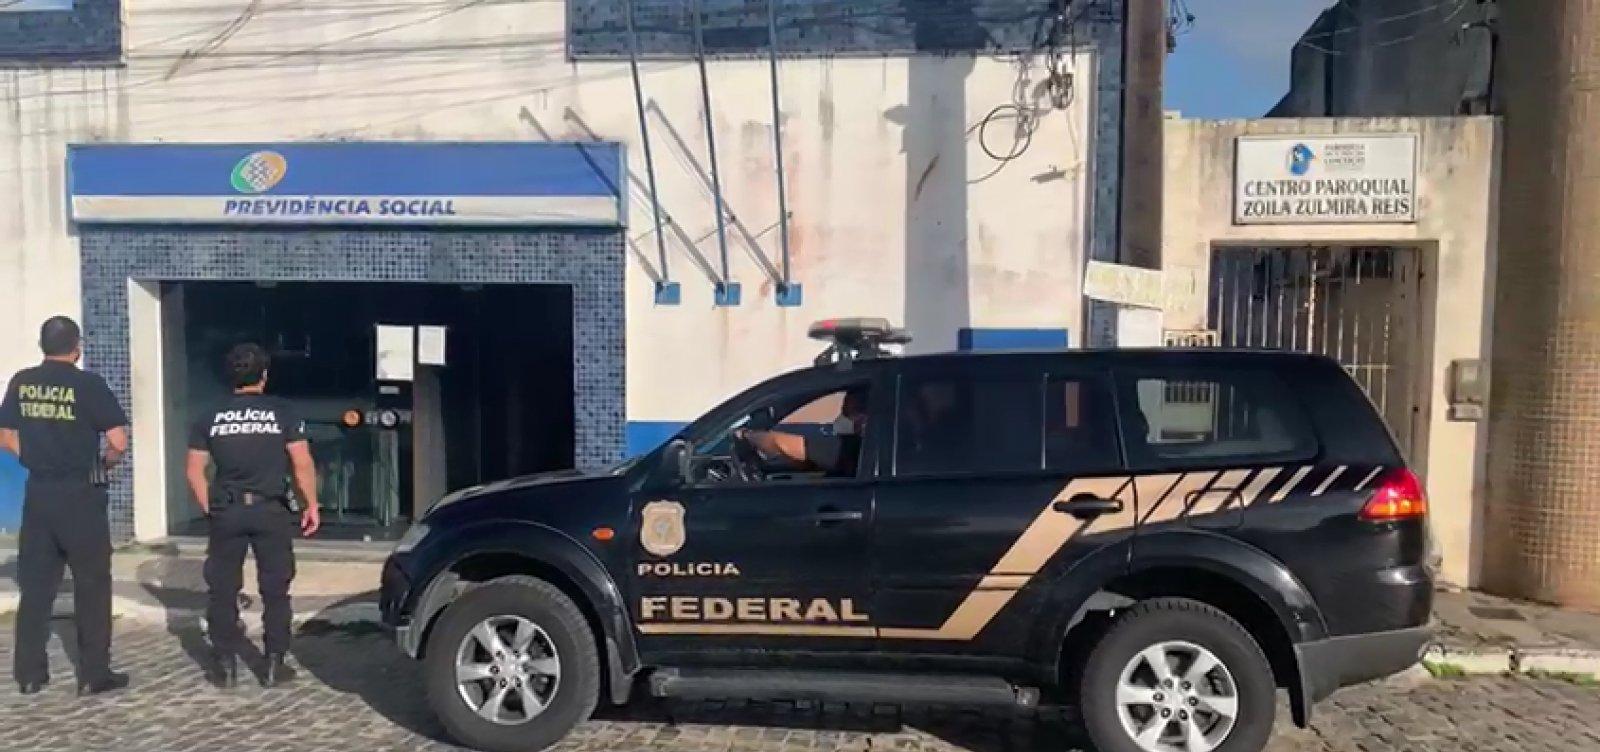 [Sapeaçu: chefe de agência do INSS é preso por fraudar benefícios]